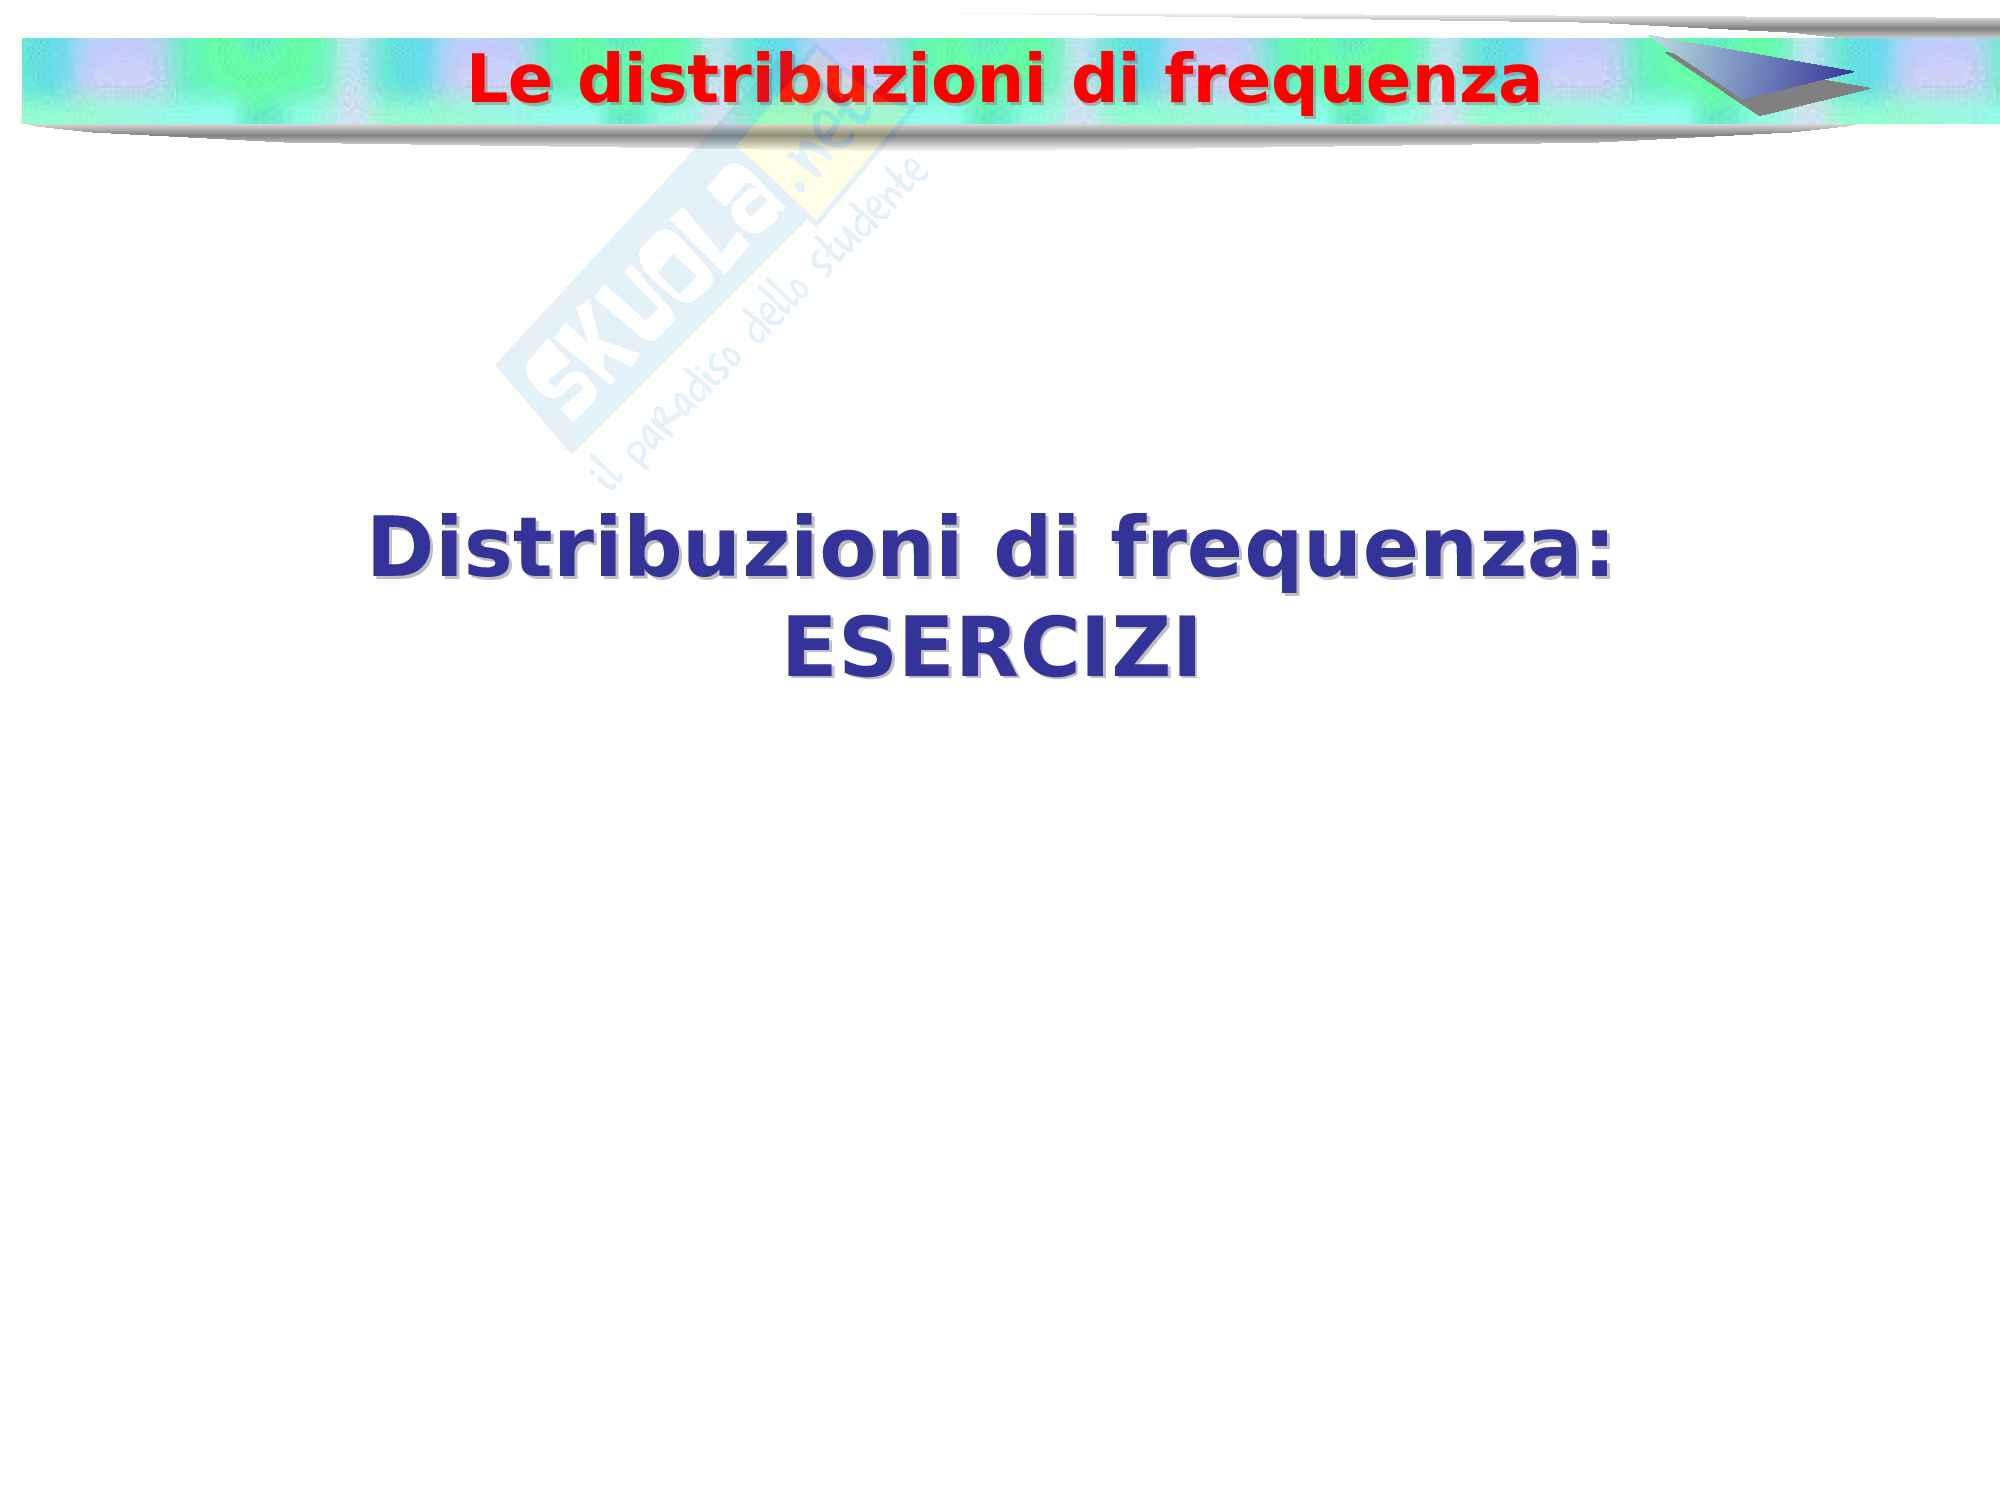 Esercizi distribuzioni di frequenza con soluzioni